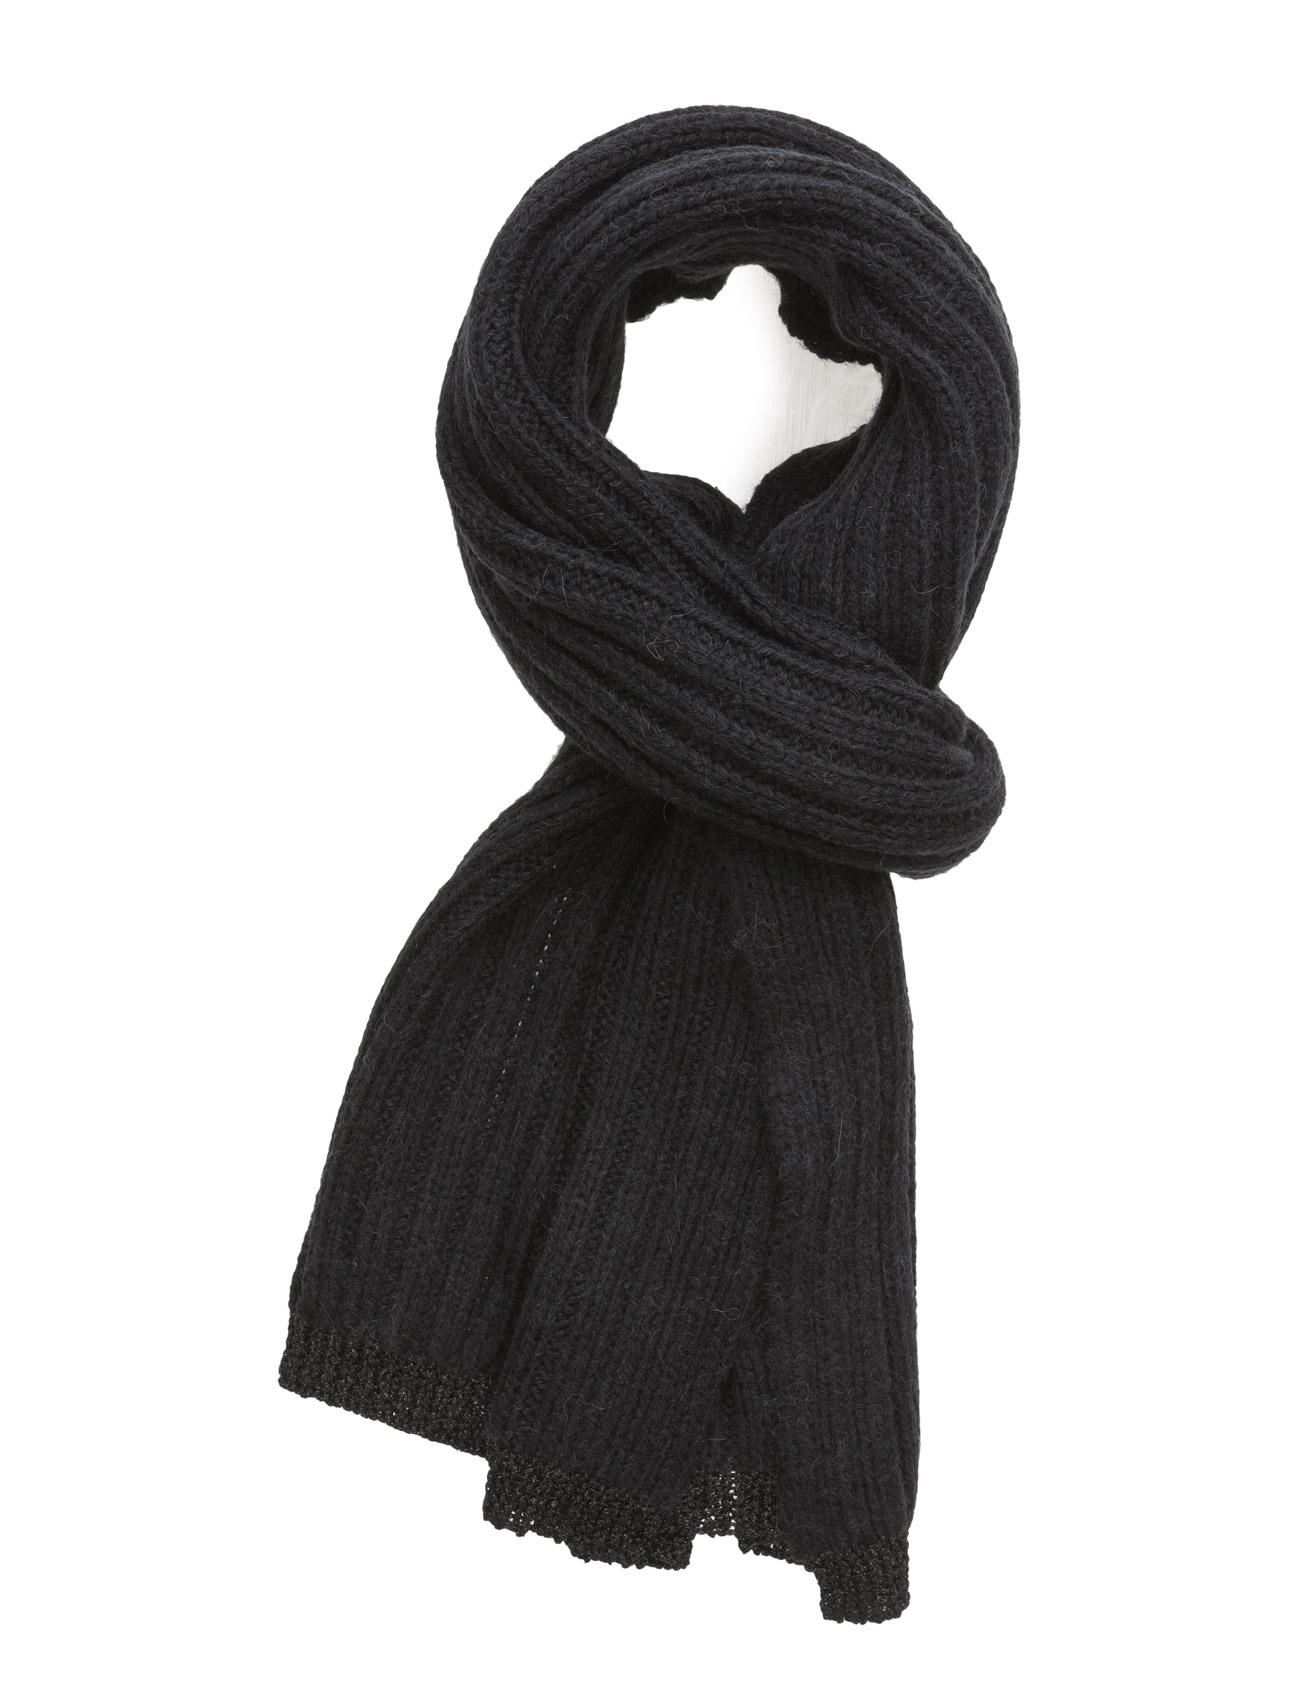 Womens knitted scarf fra ilse jacobsen på boozt.com dk